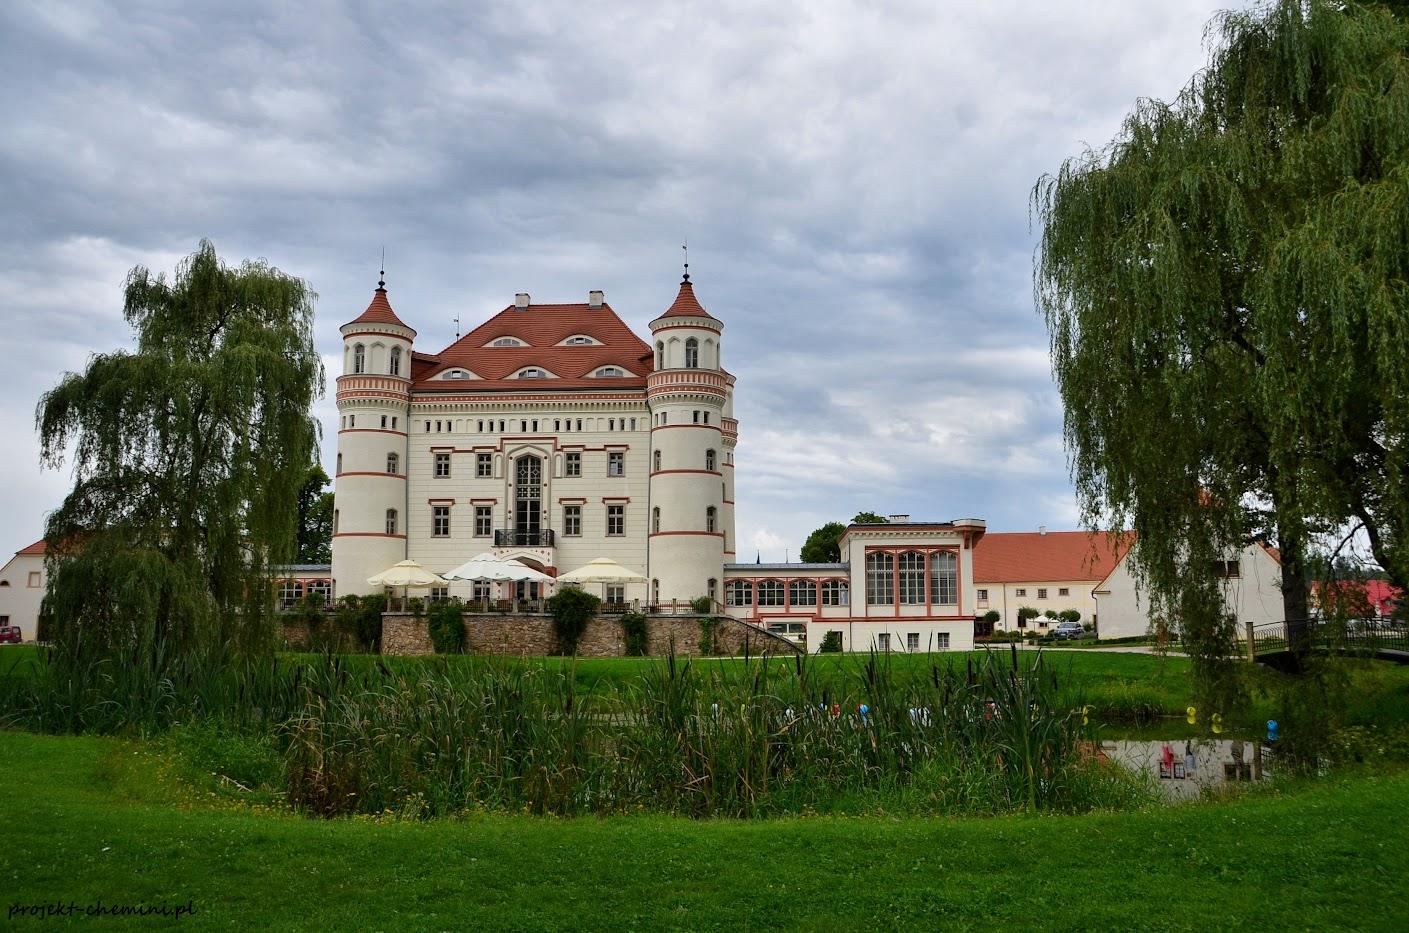 Pałac w Wojanowie